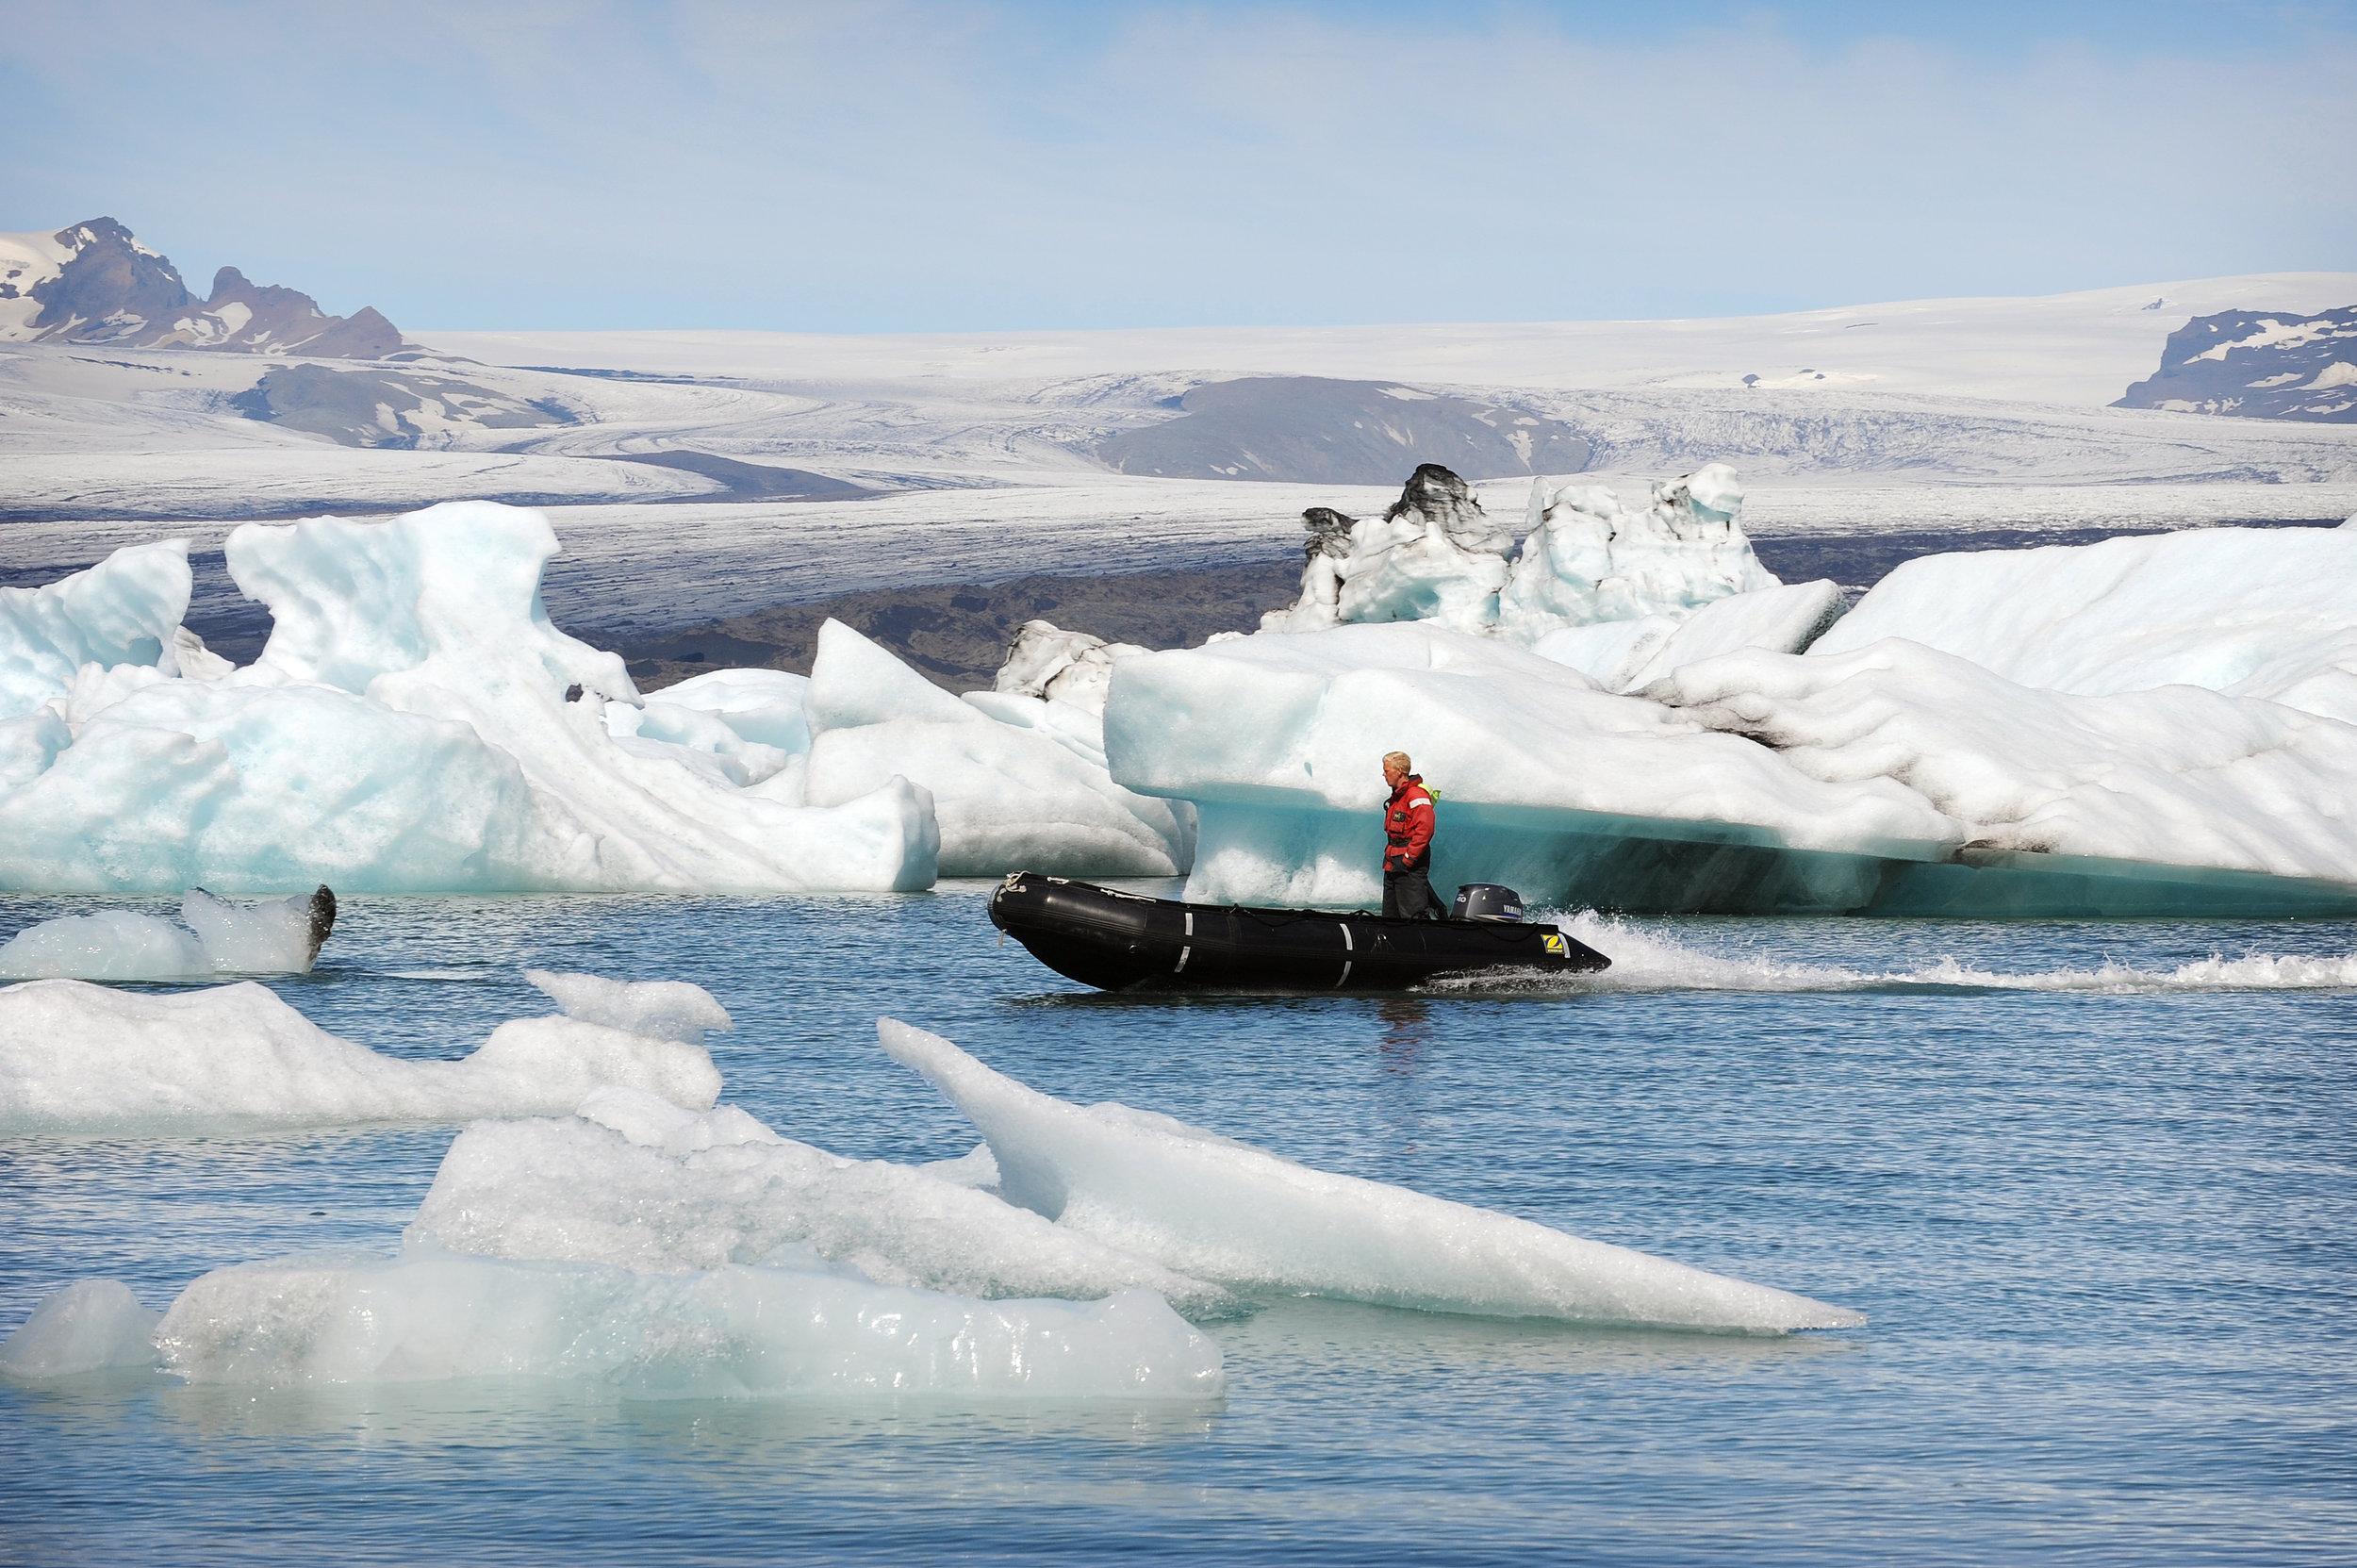 Islanti, Jökulsárlón, jäälaguuni